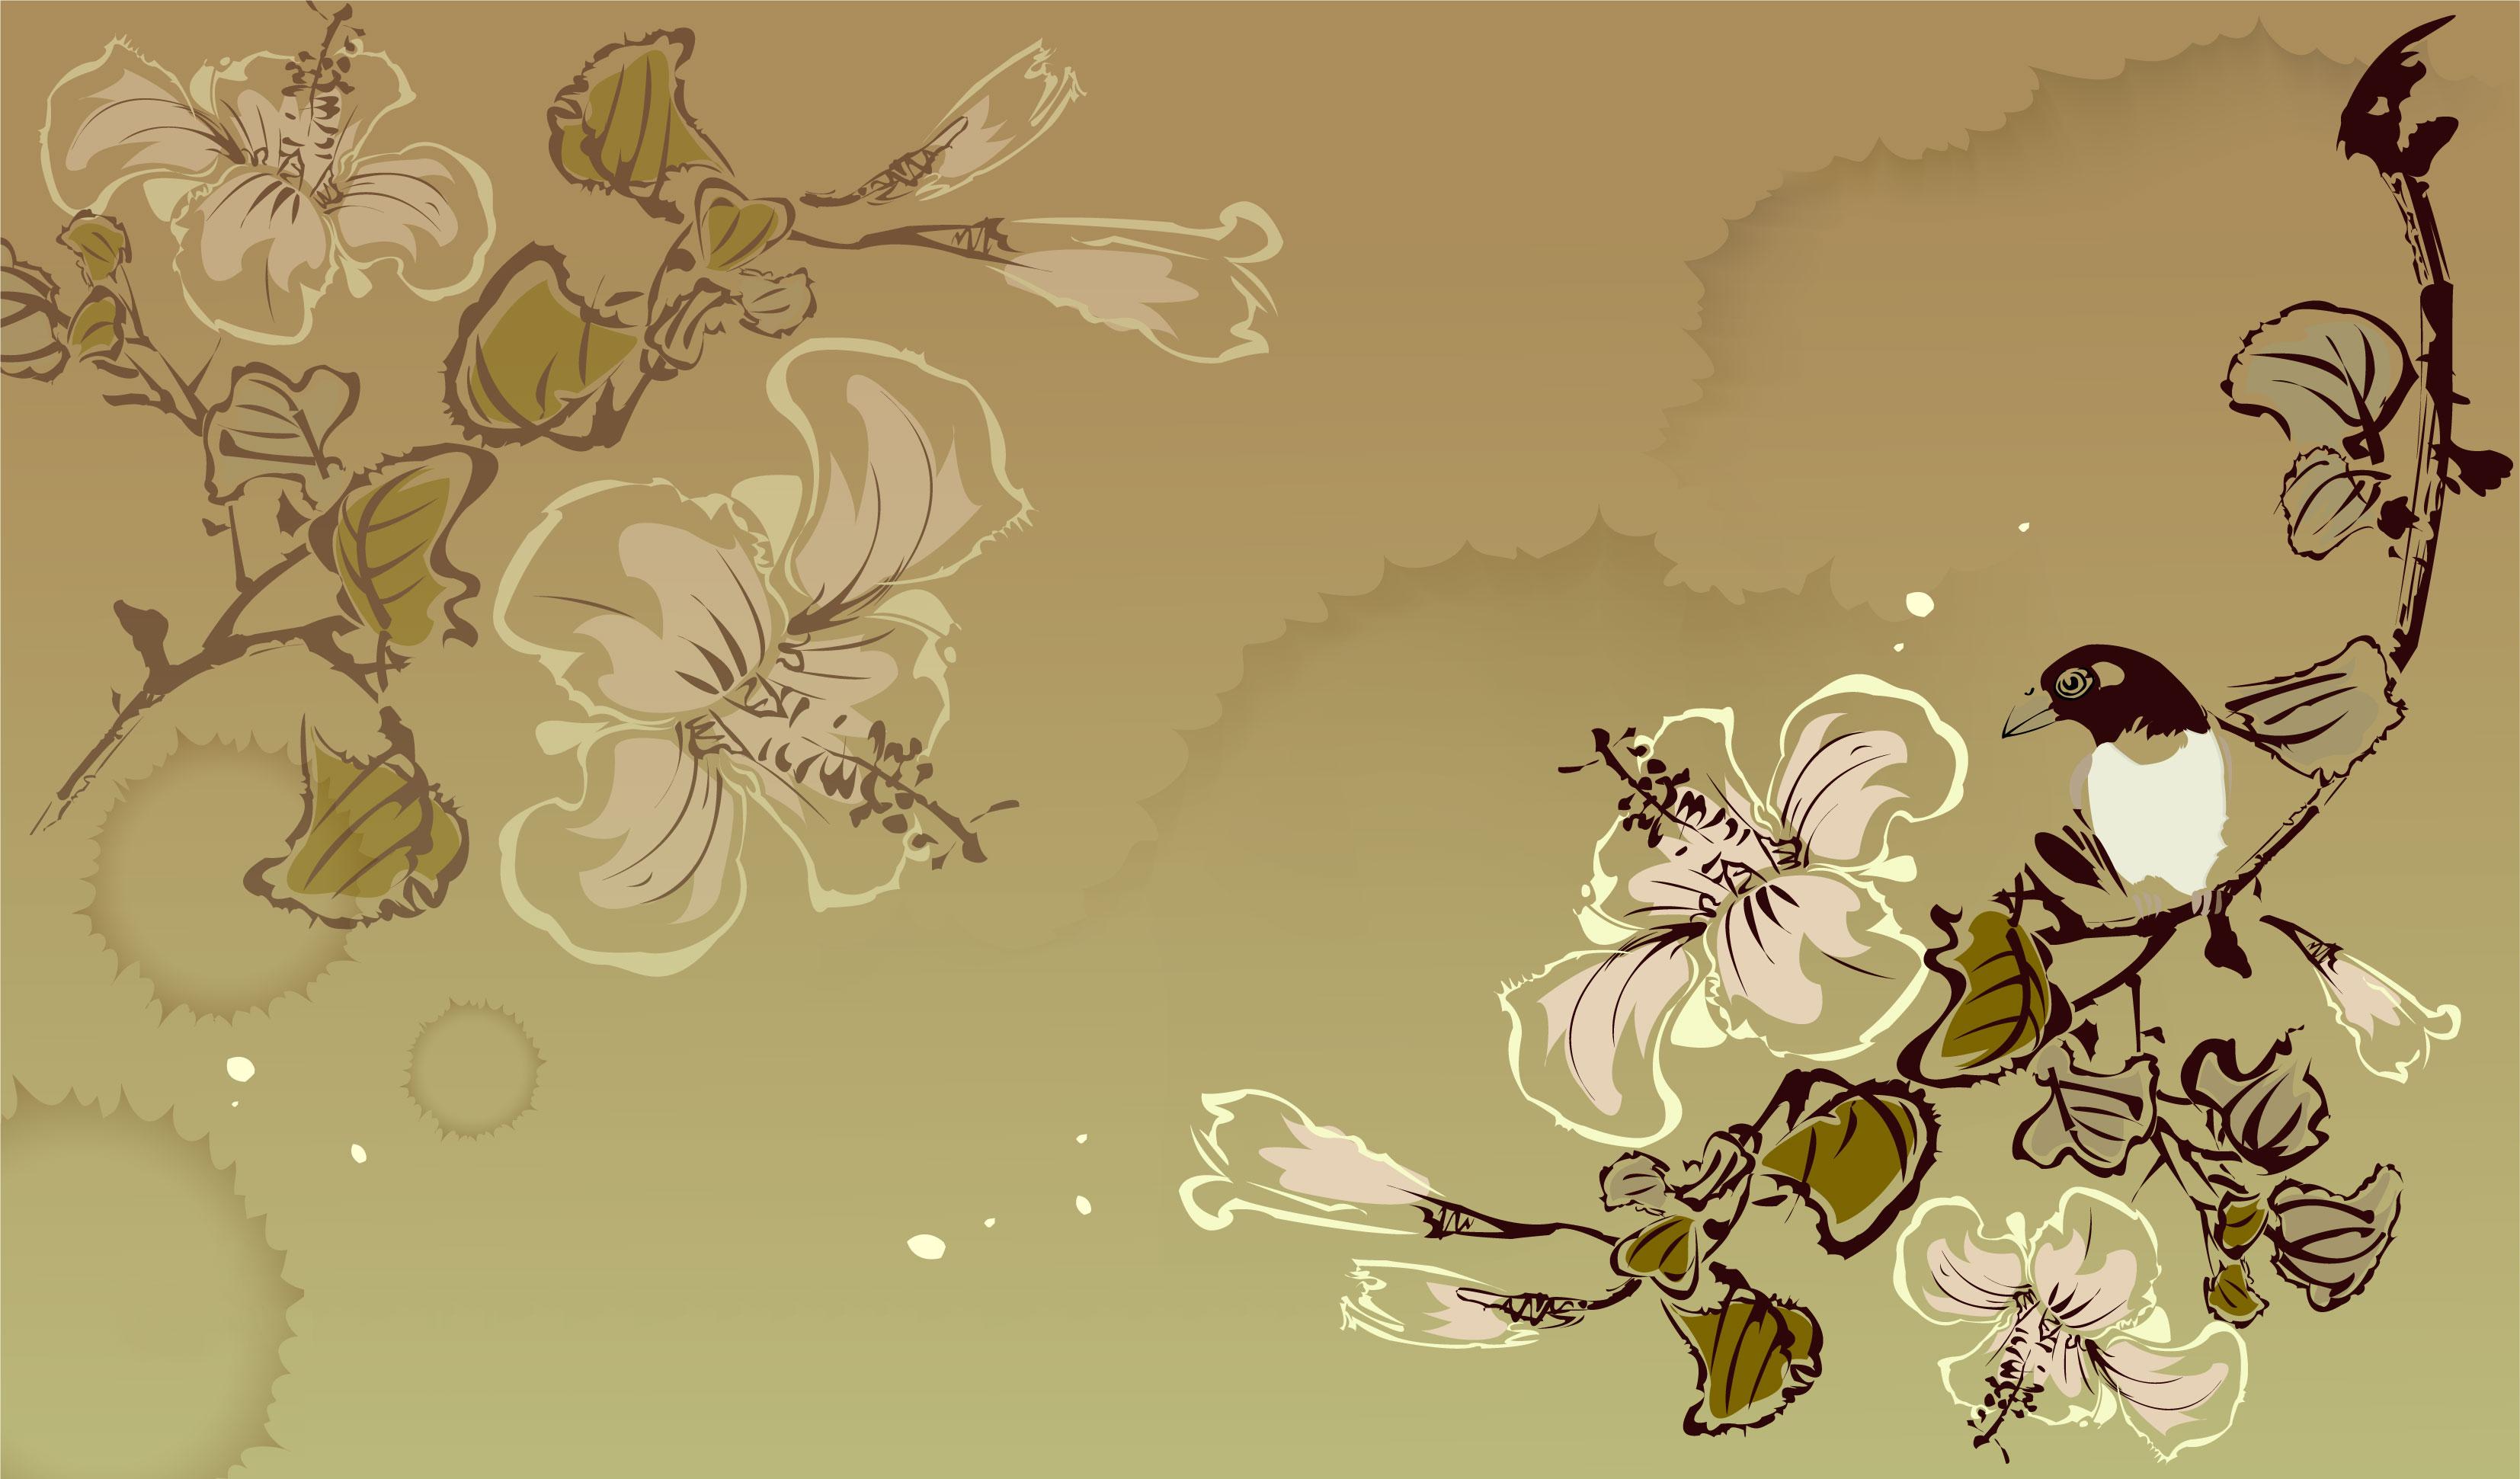 花のイラスト・フリー素材/壁紙・背景no.804『和風・墨絵・鳥・ユリ』